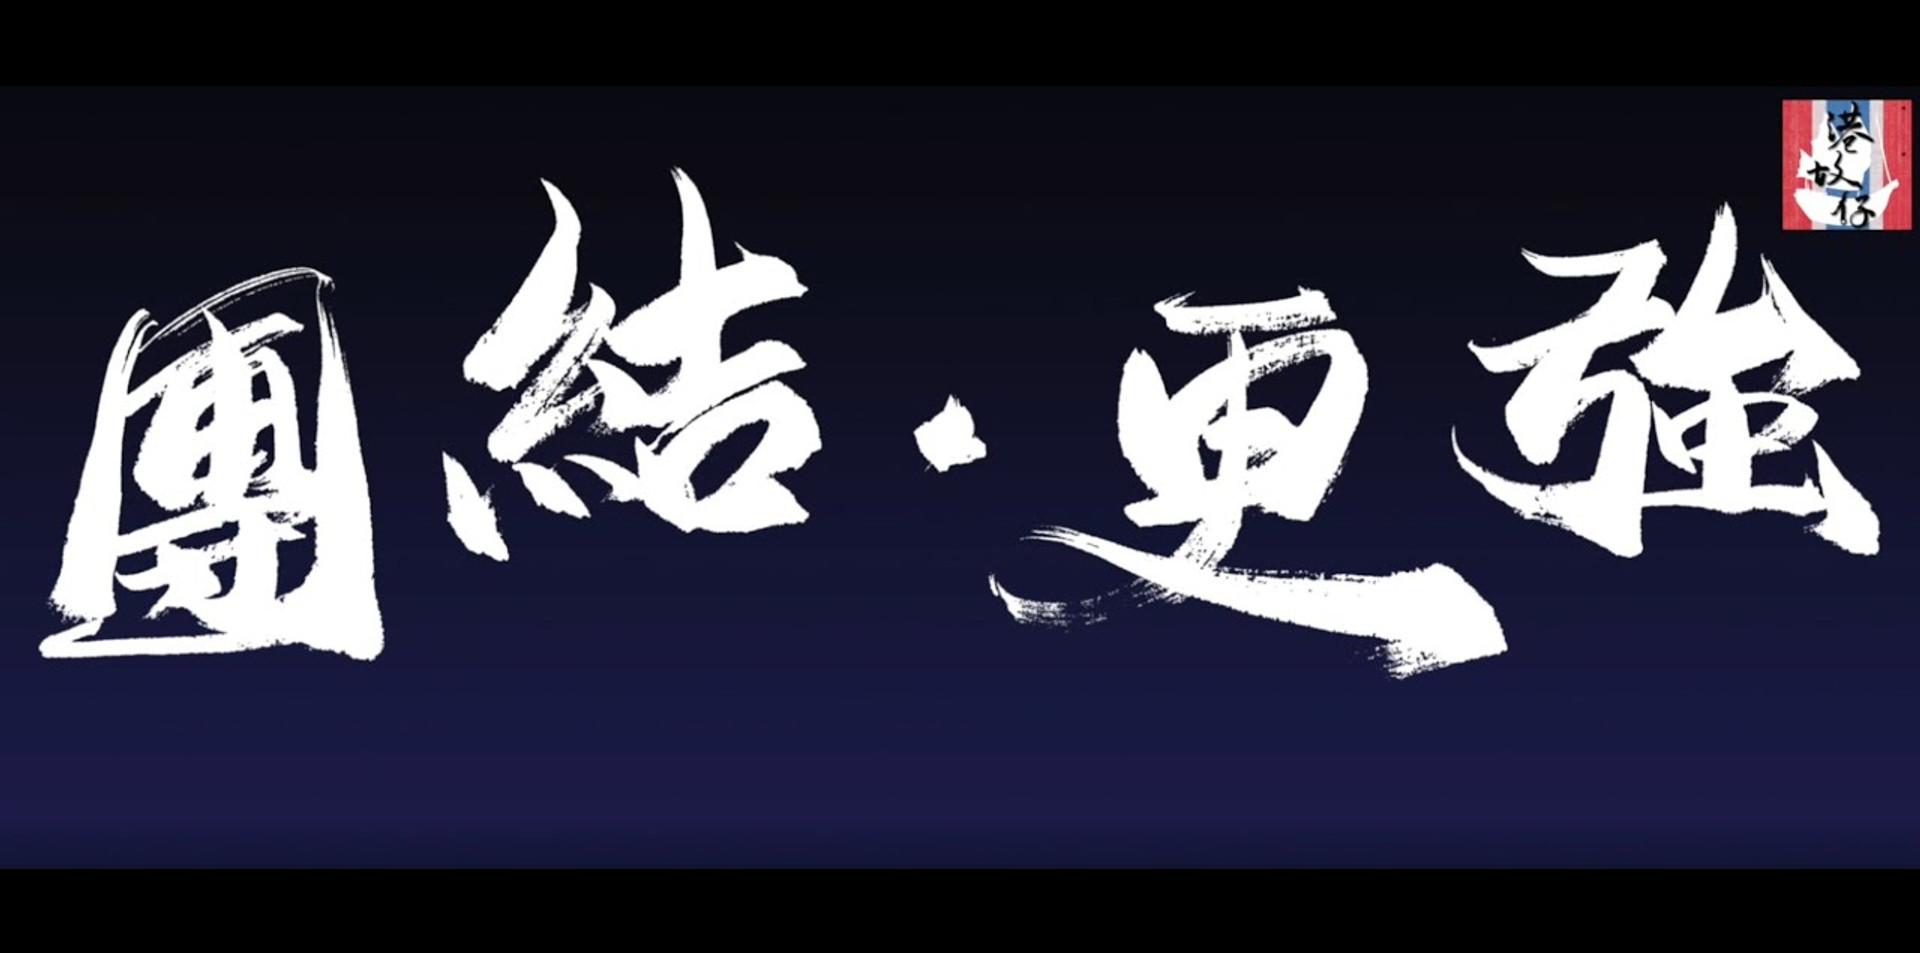 #港故仔 #091 #Paragon #共享社區 #團結香港startup #一起更強